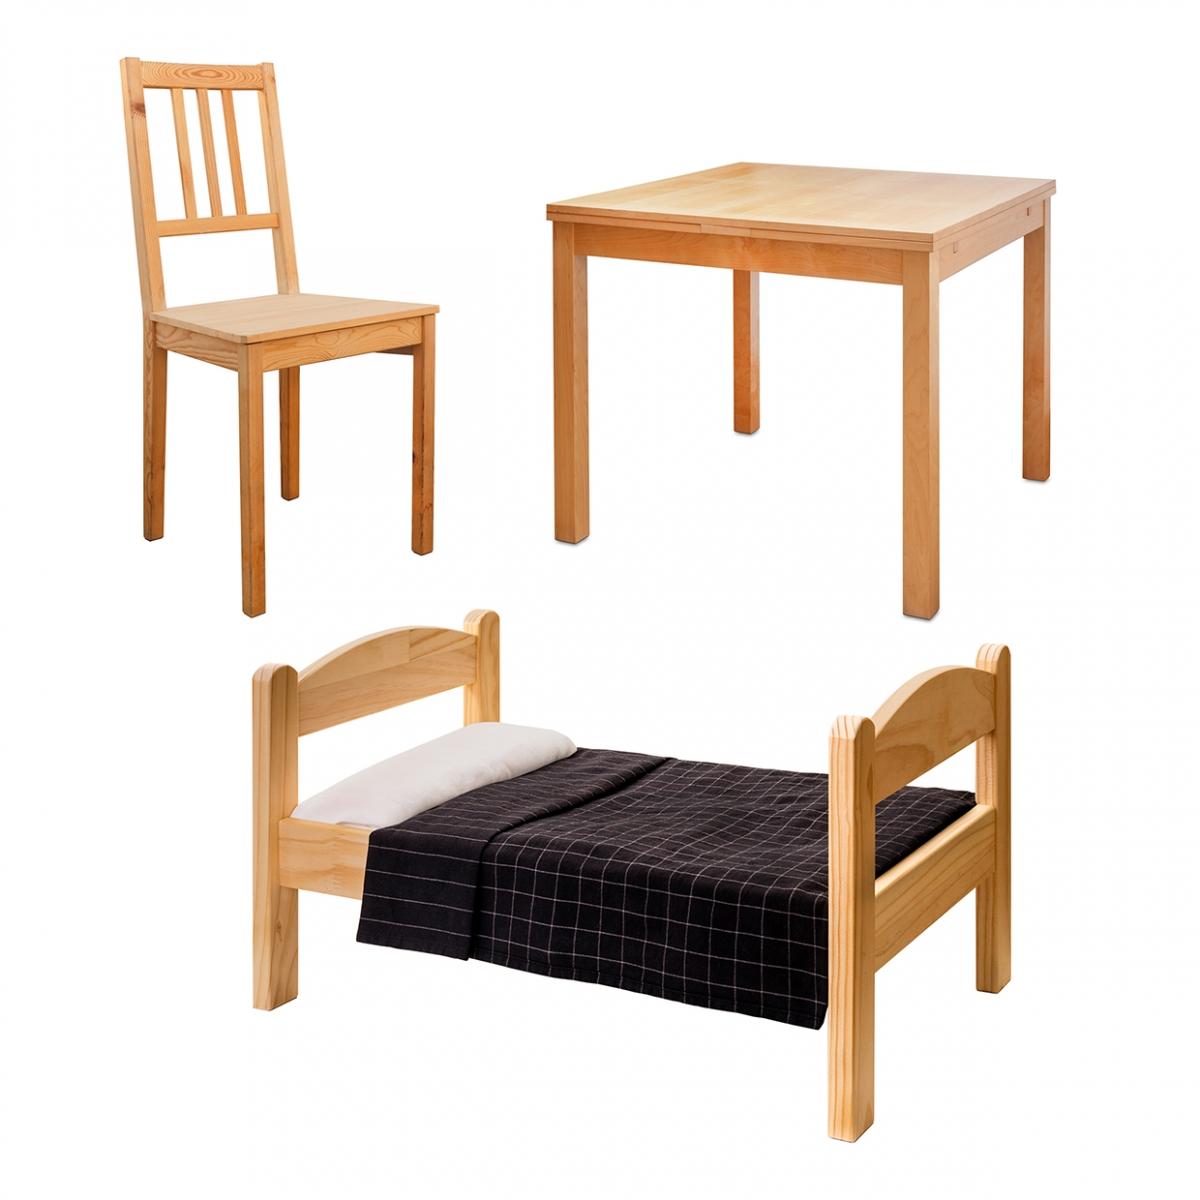 Imagen en la que se ven tres muebles: una cama, una mesa y una silla